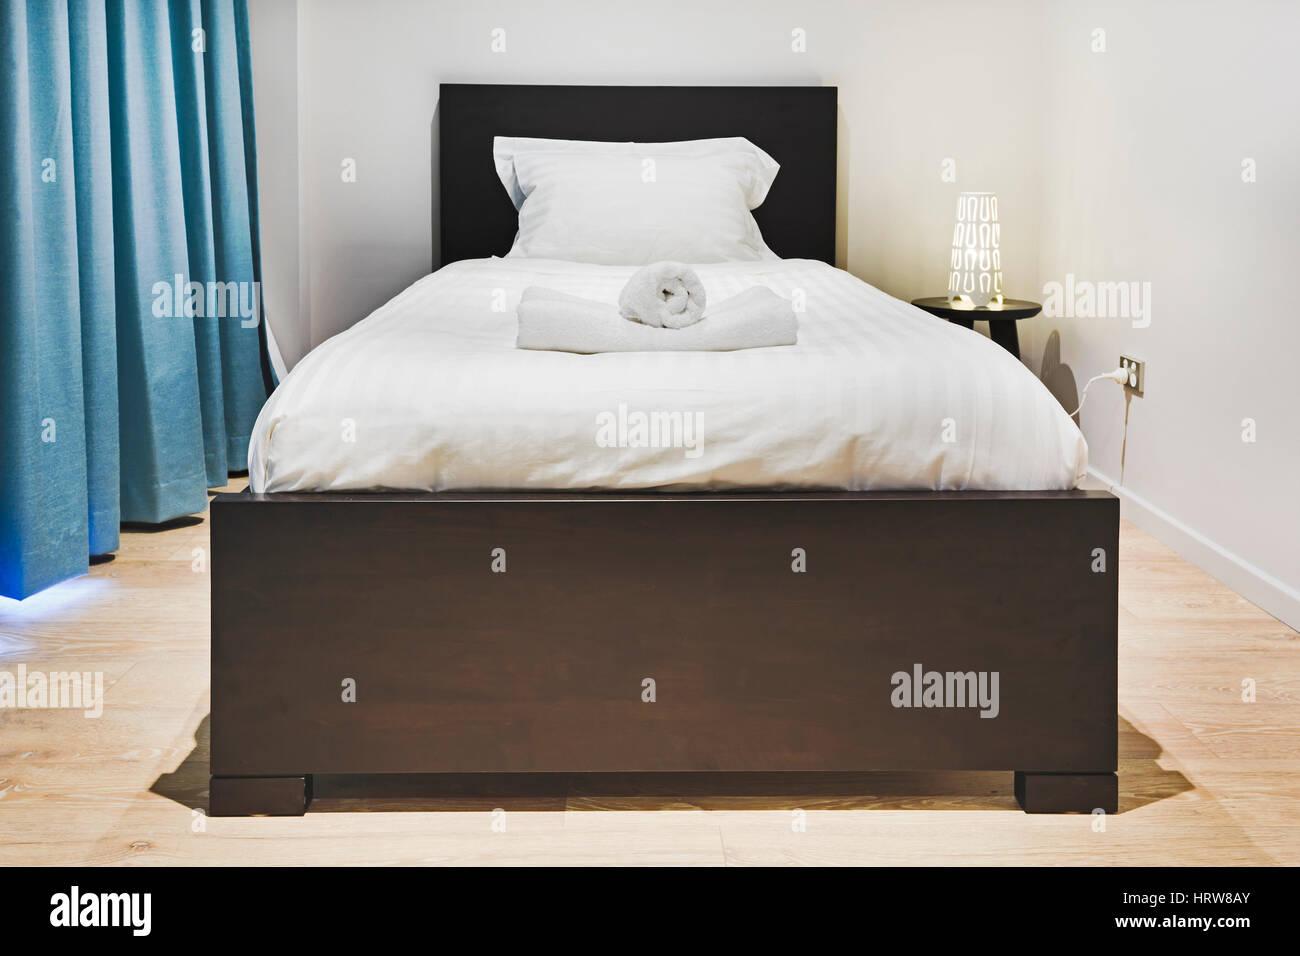 Comò Camera Da Letto Moderna : Un letto singolo con biancheria un comodino e lampada in una